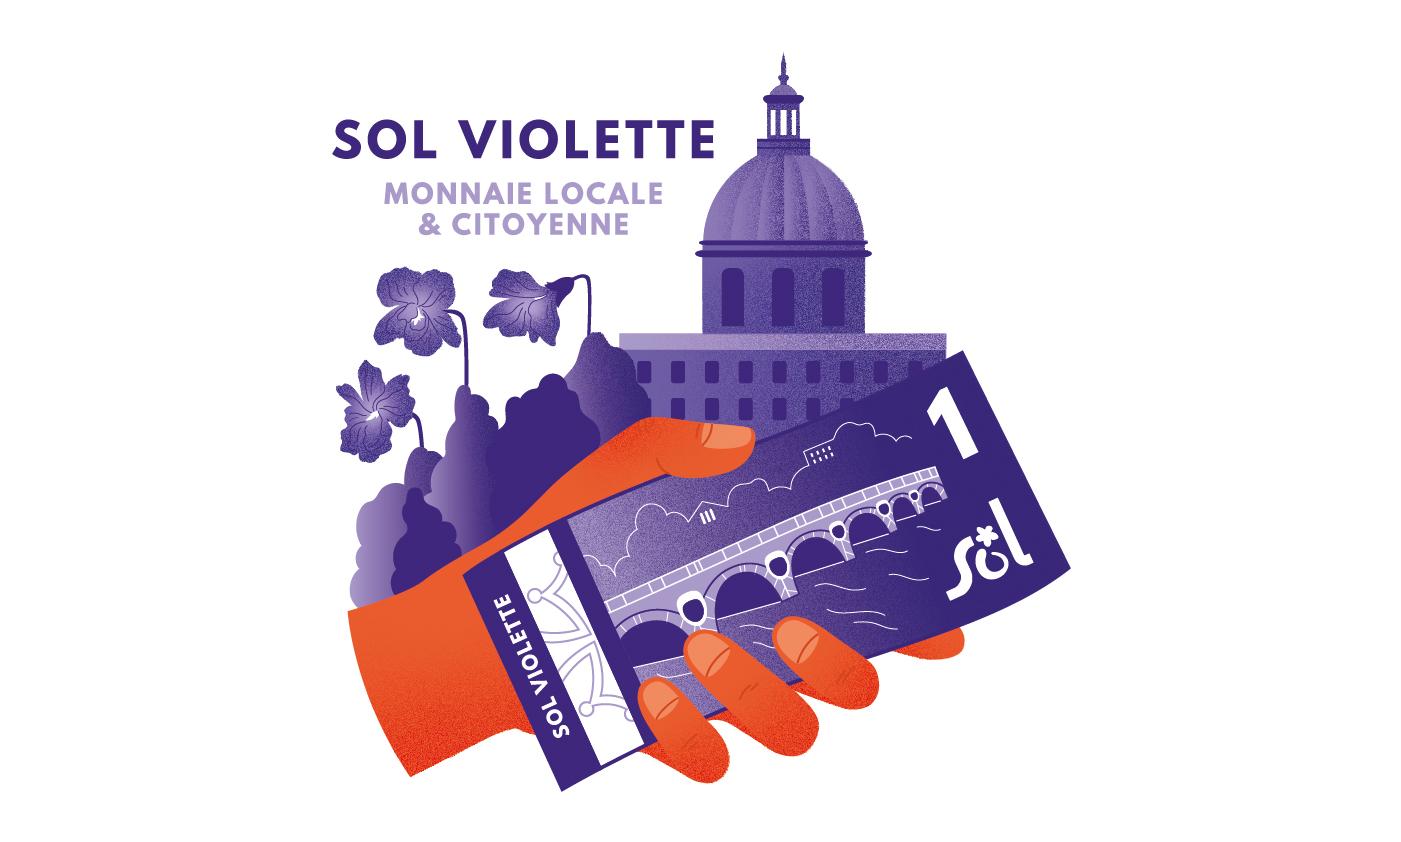 sol-violette-superfruit-illustration-originale